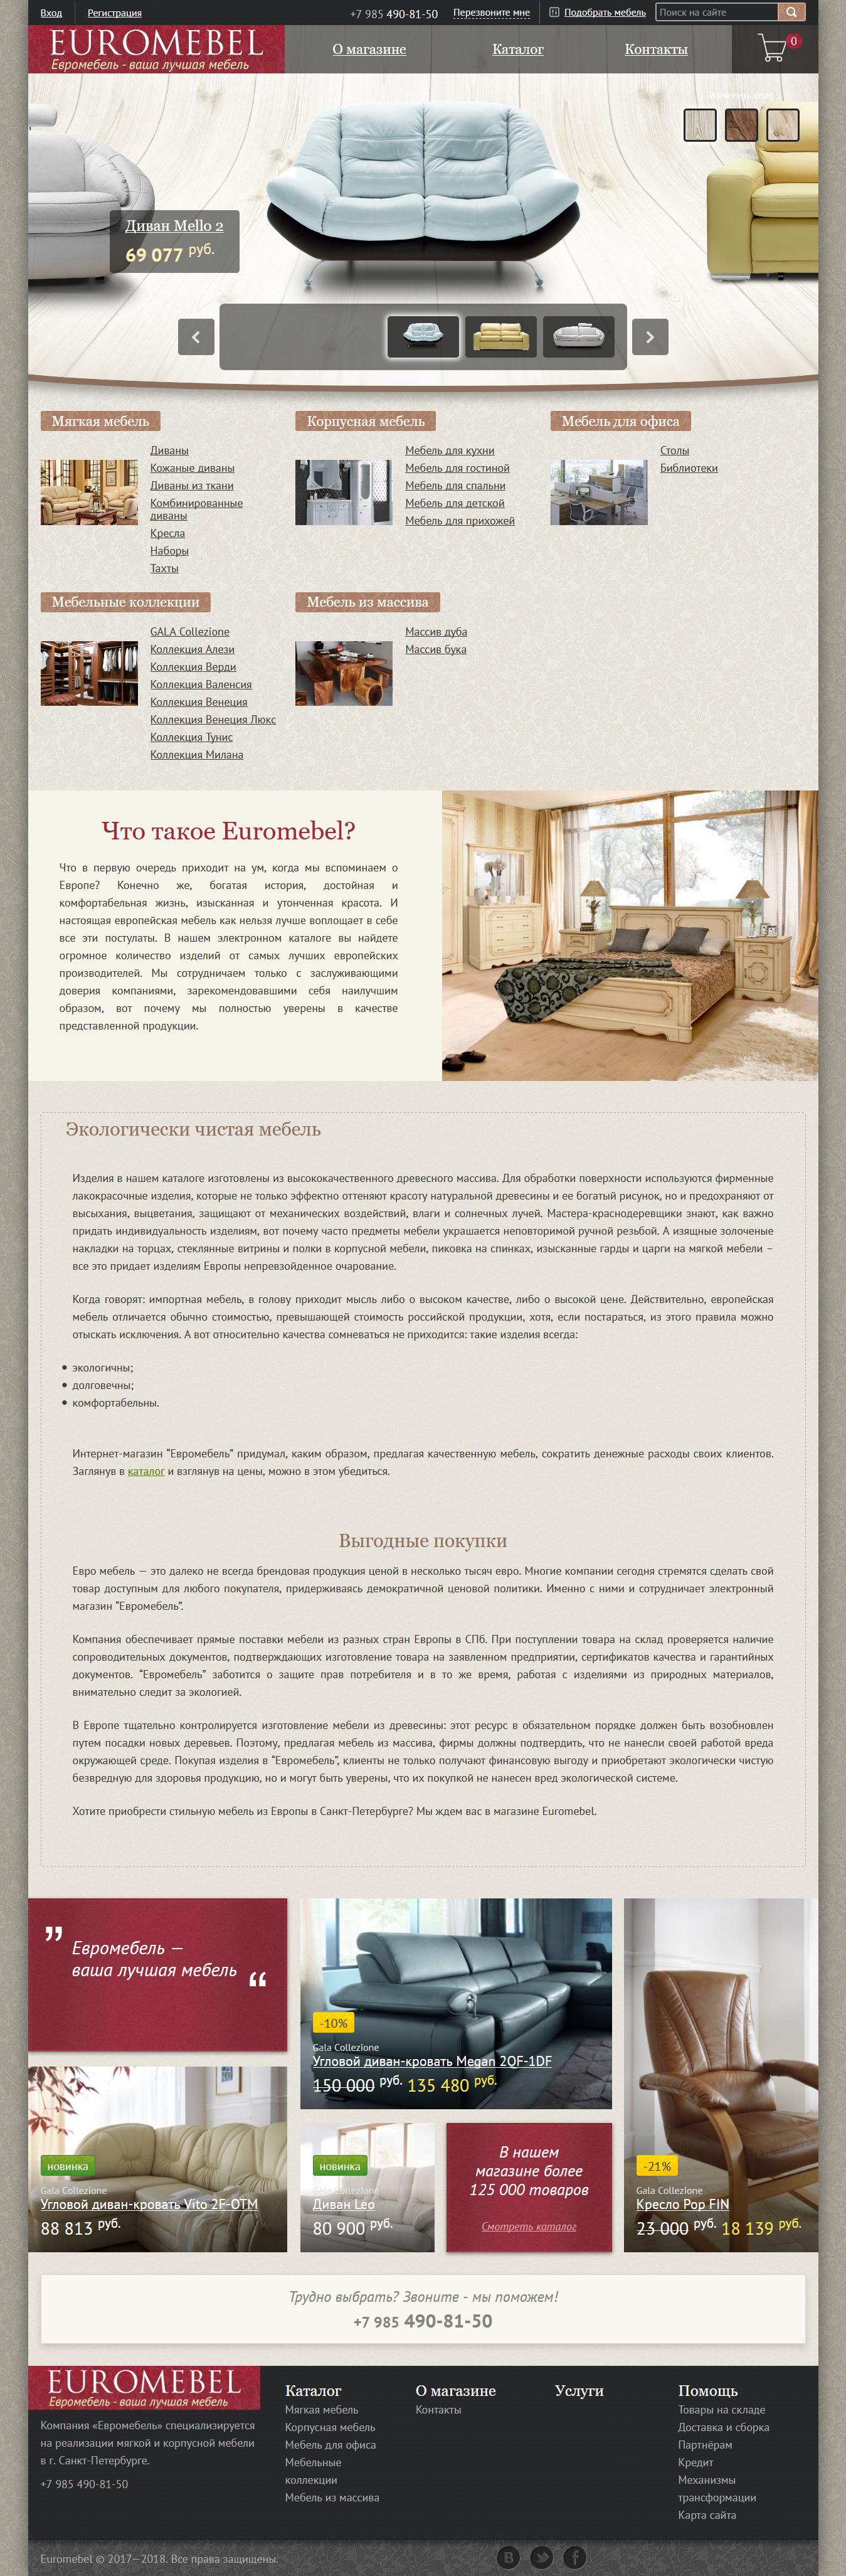 Интернет-магазин европейской мебели